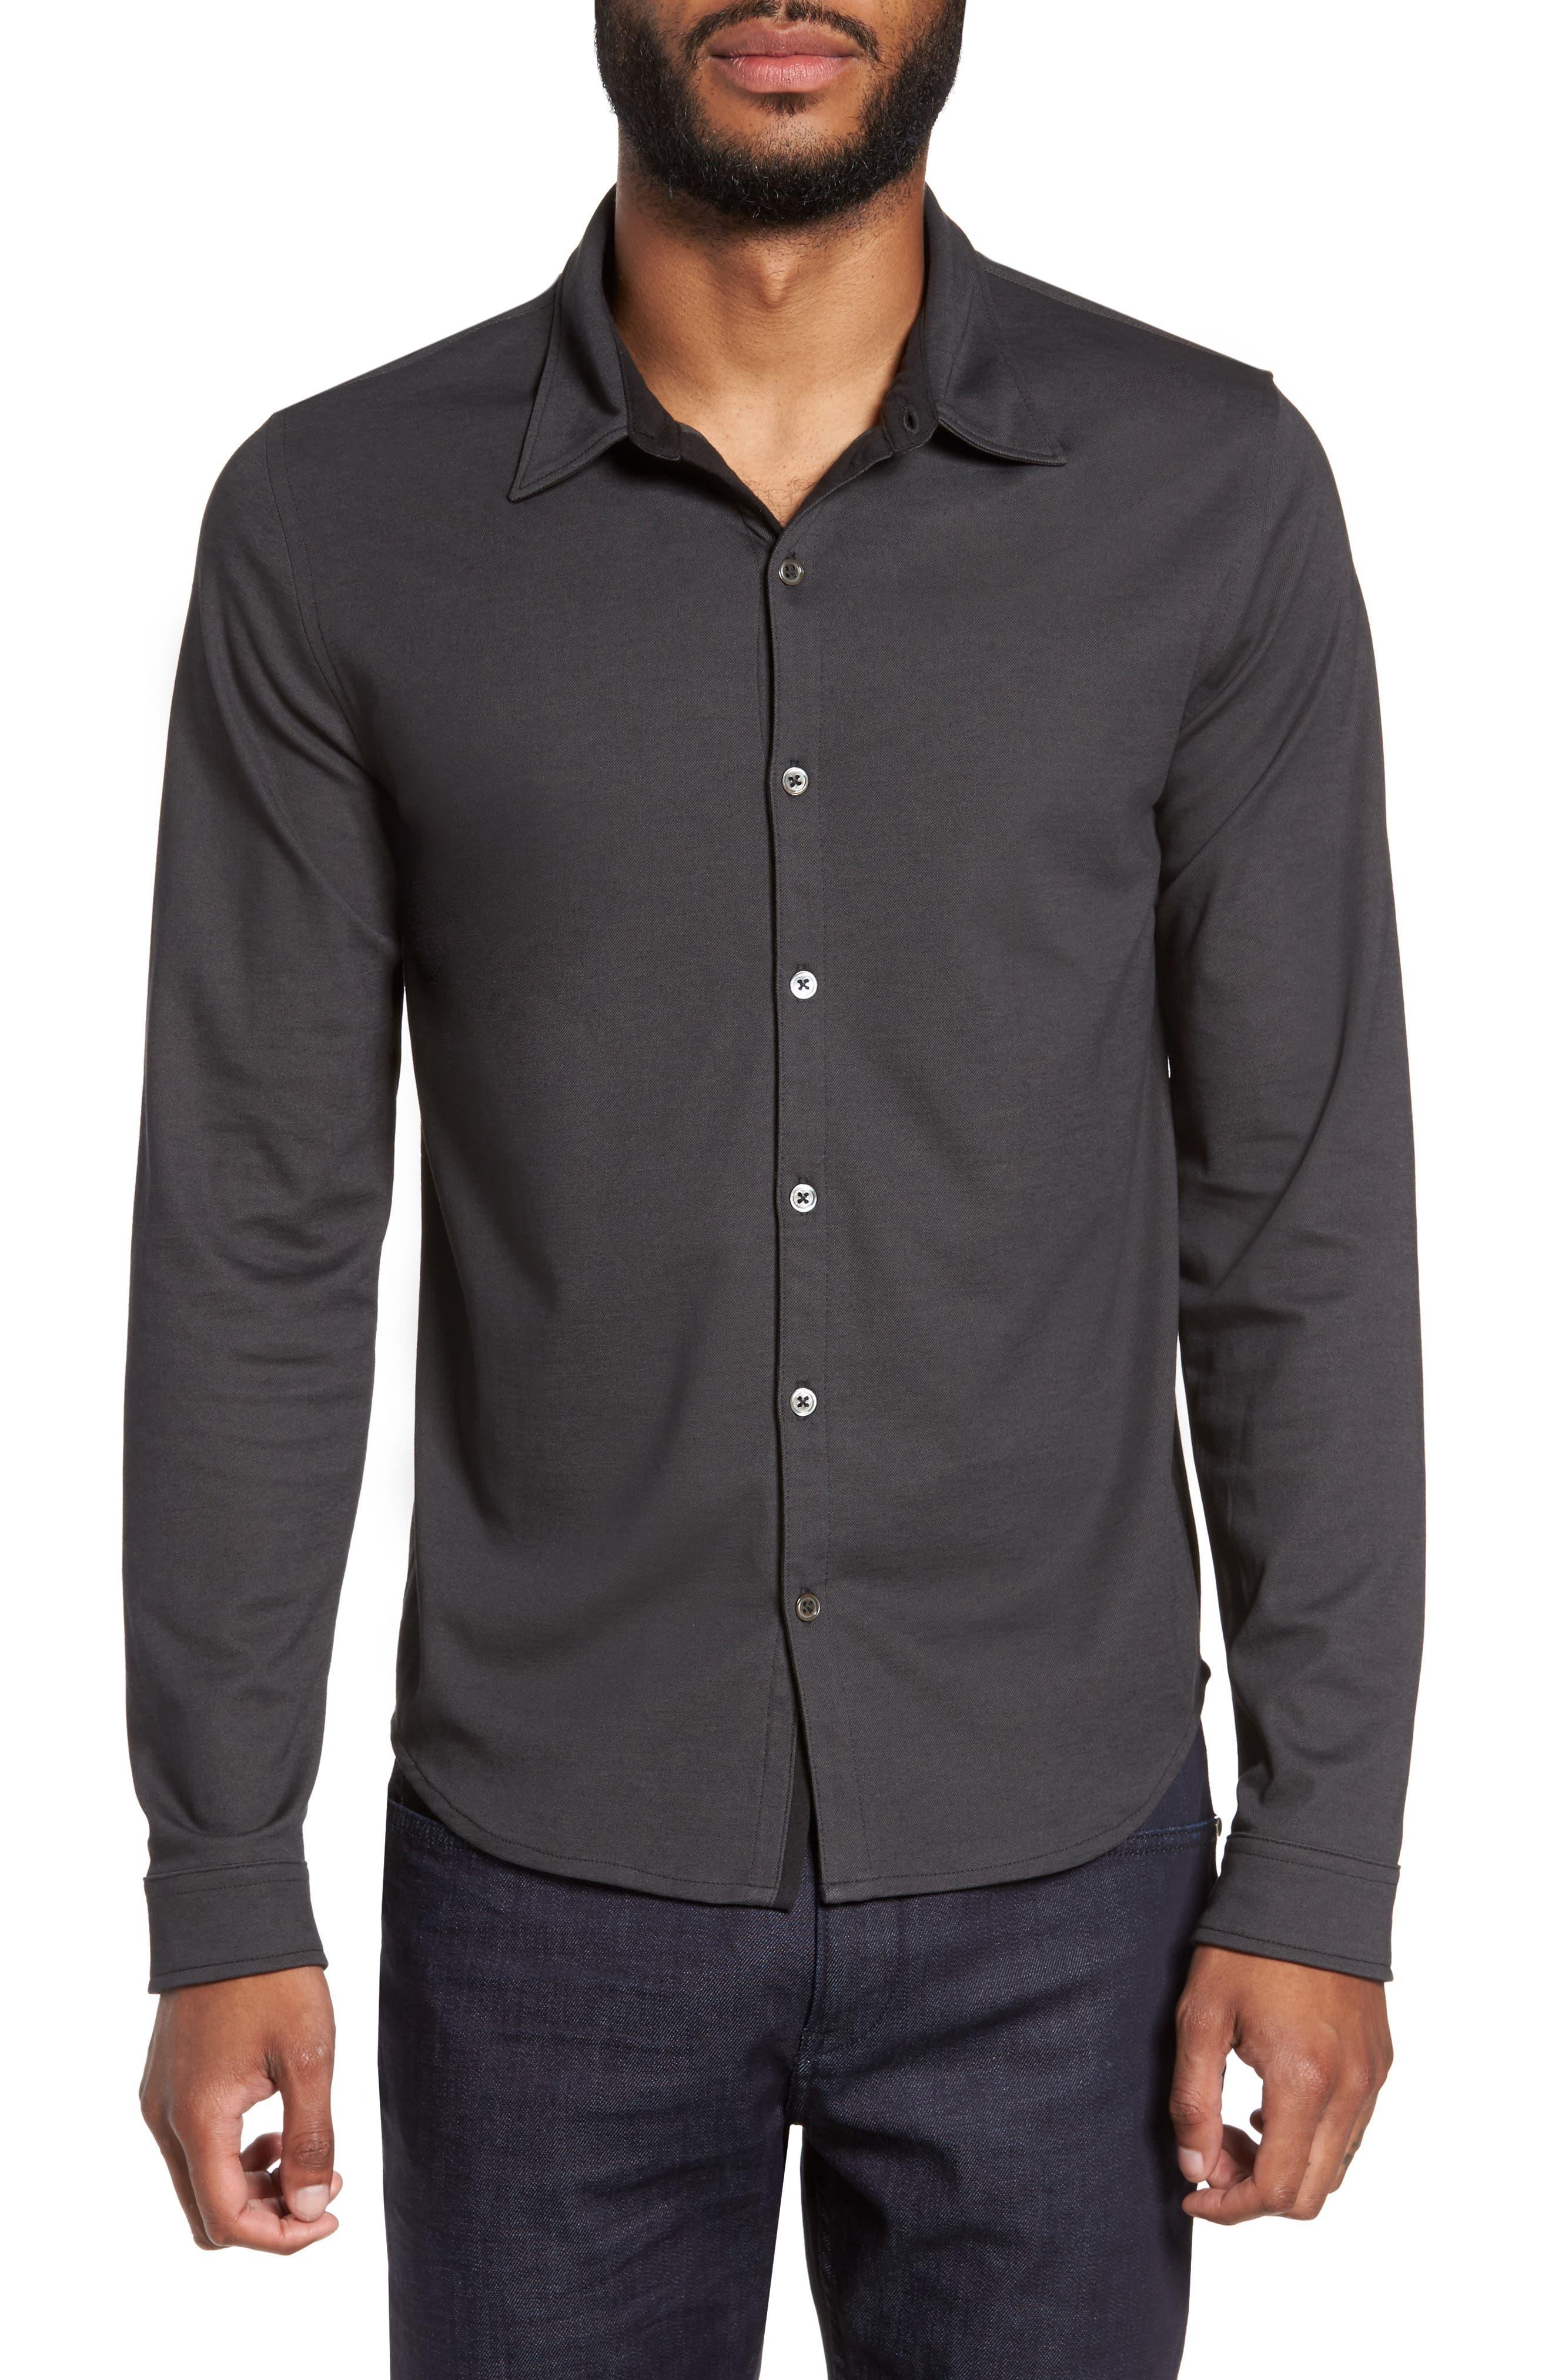 Glacier Knit Sport Shirt,                         Main,                         color, Black